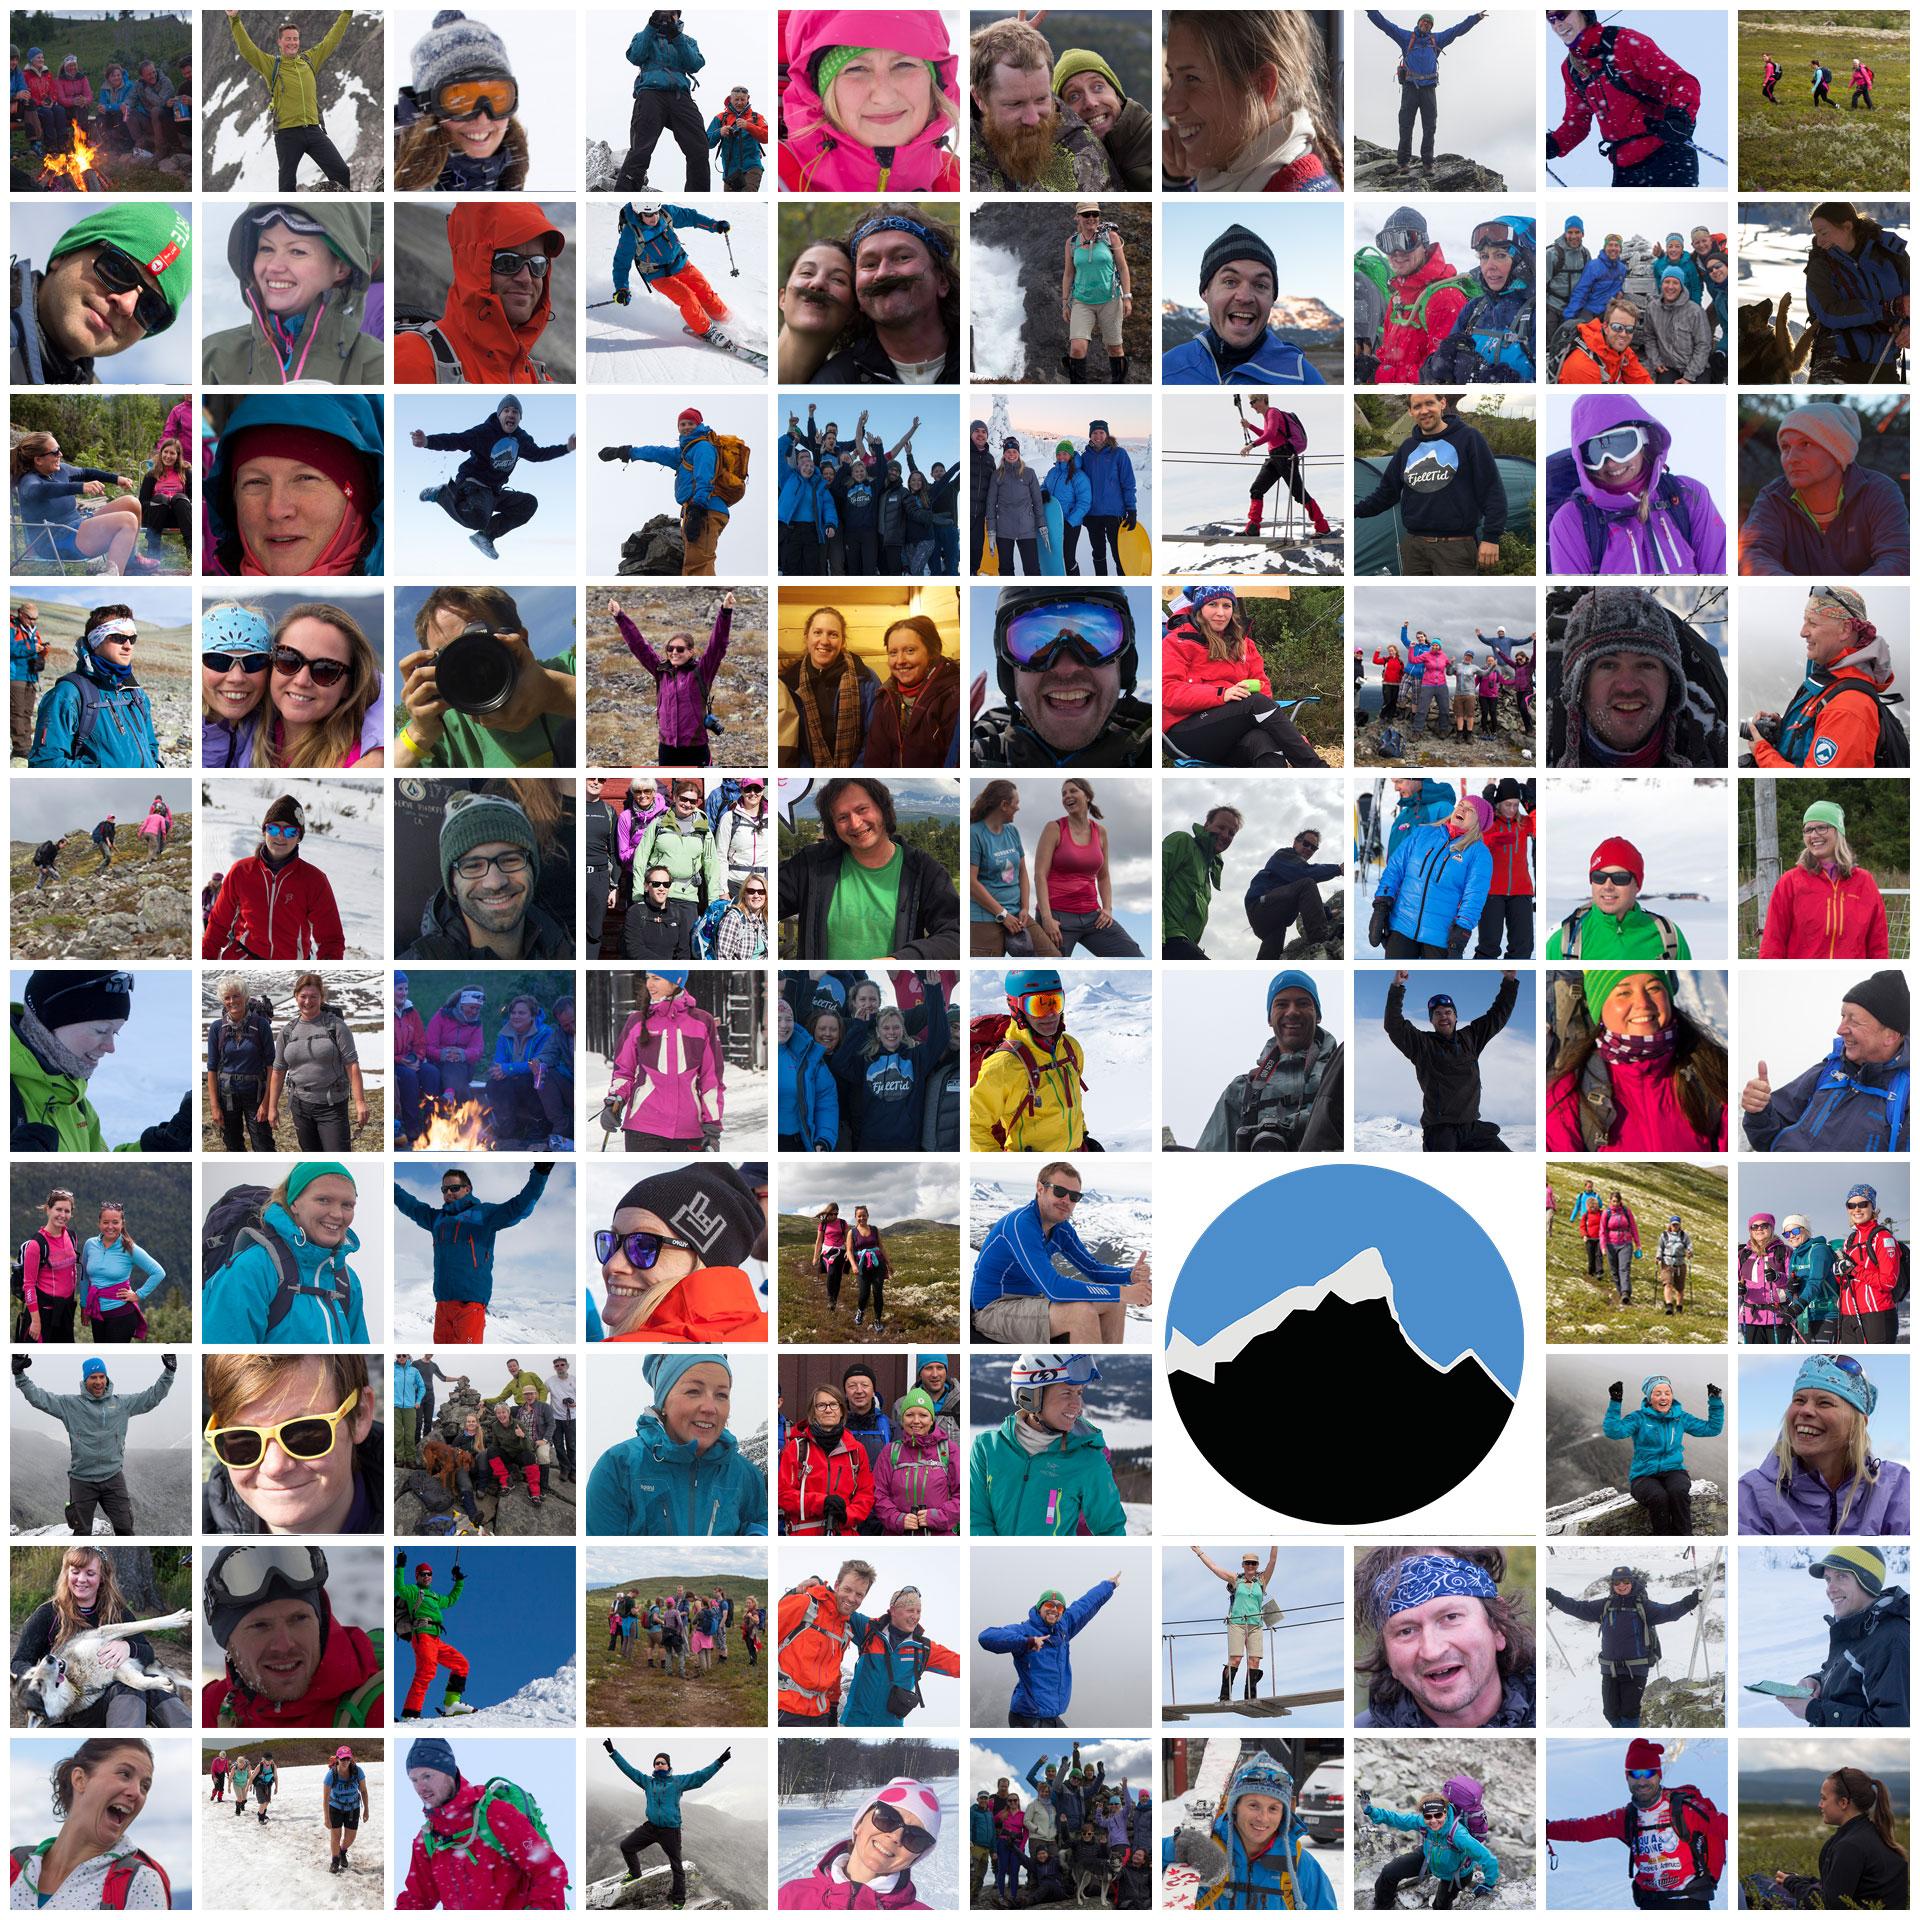 FjellTid (norr. fjalltíð): Sosialt turnettverk for alle turfolk. #fjelltid